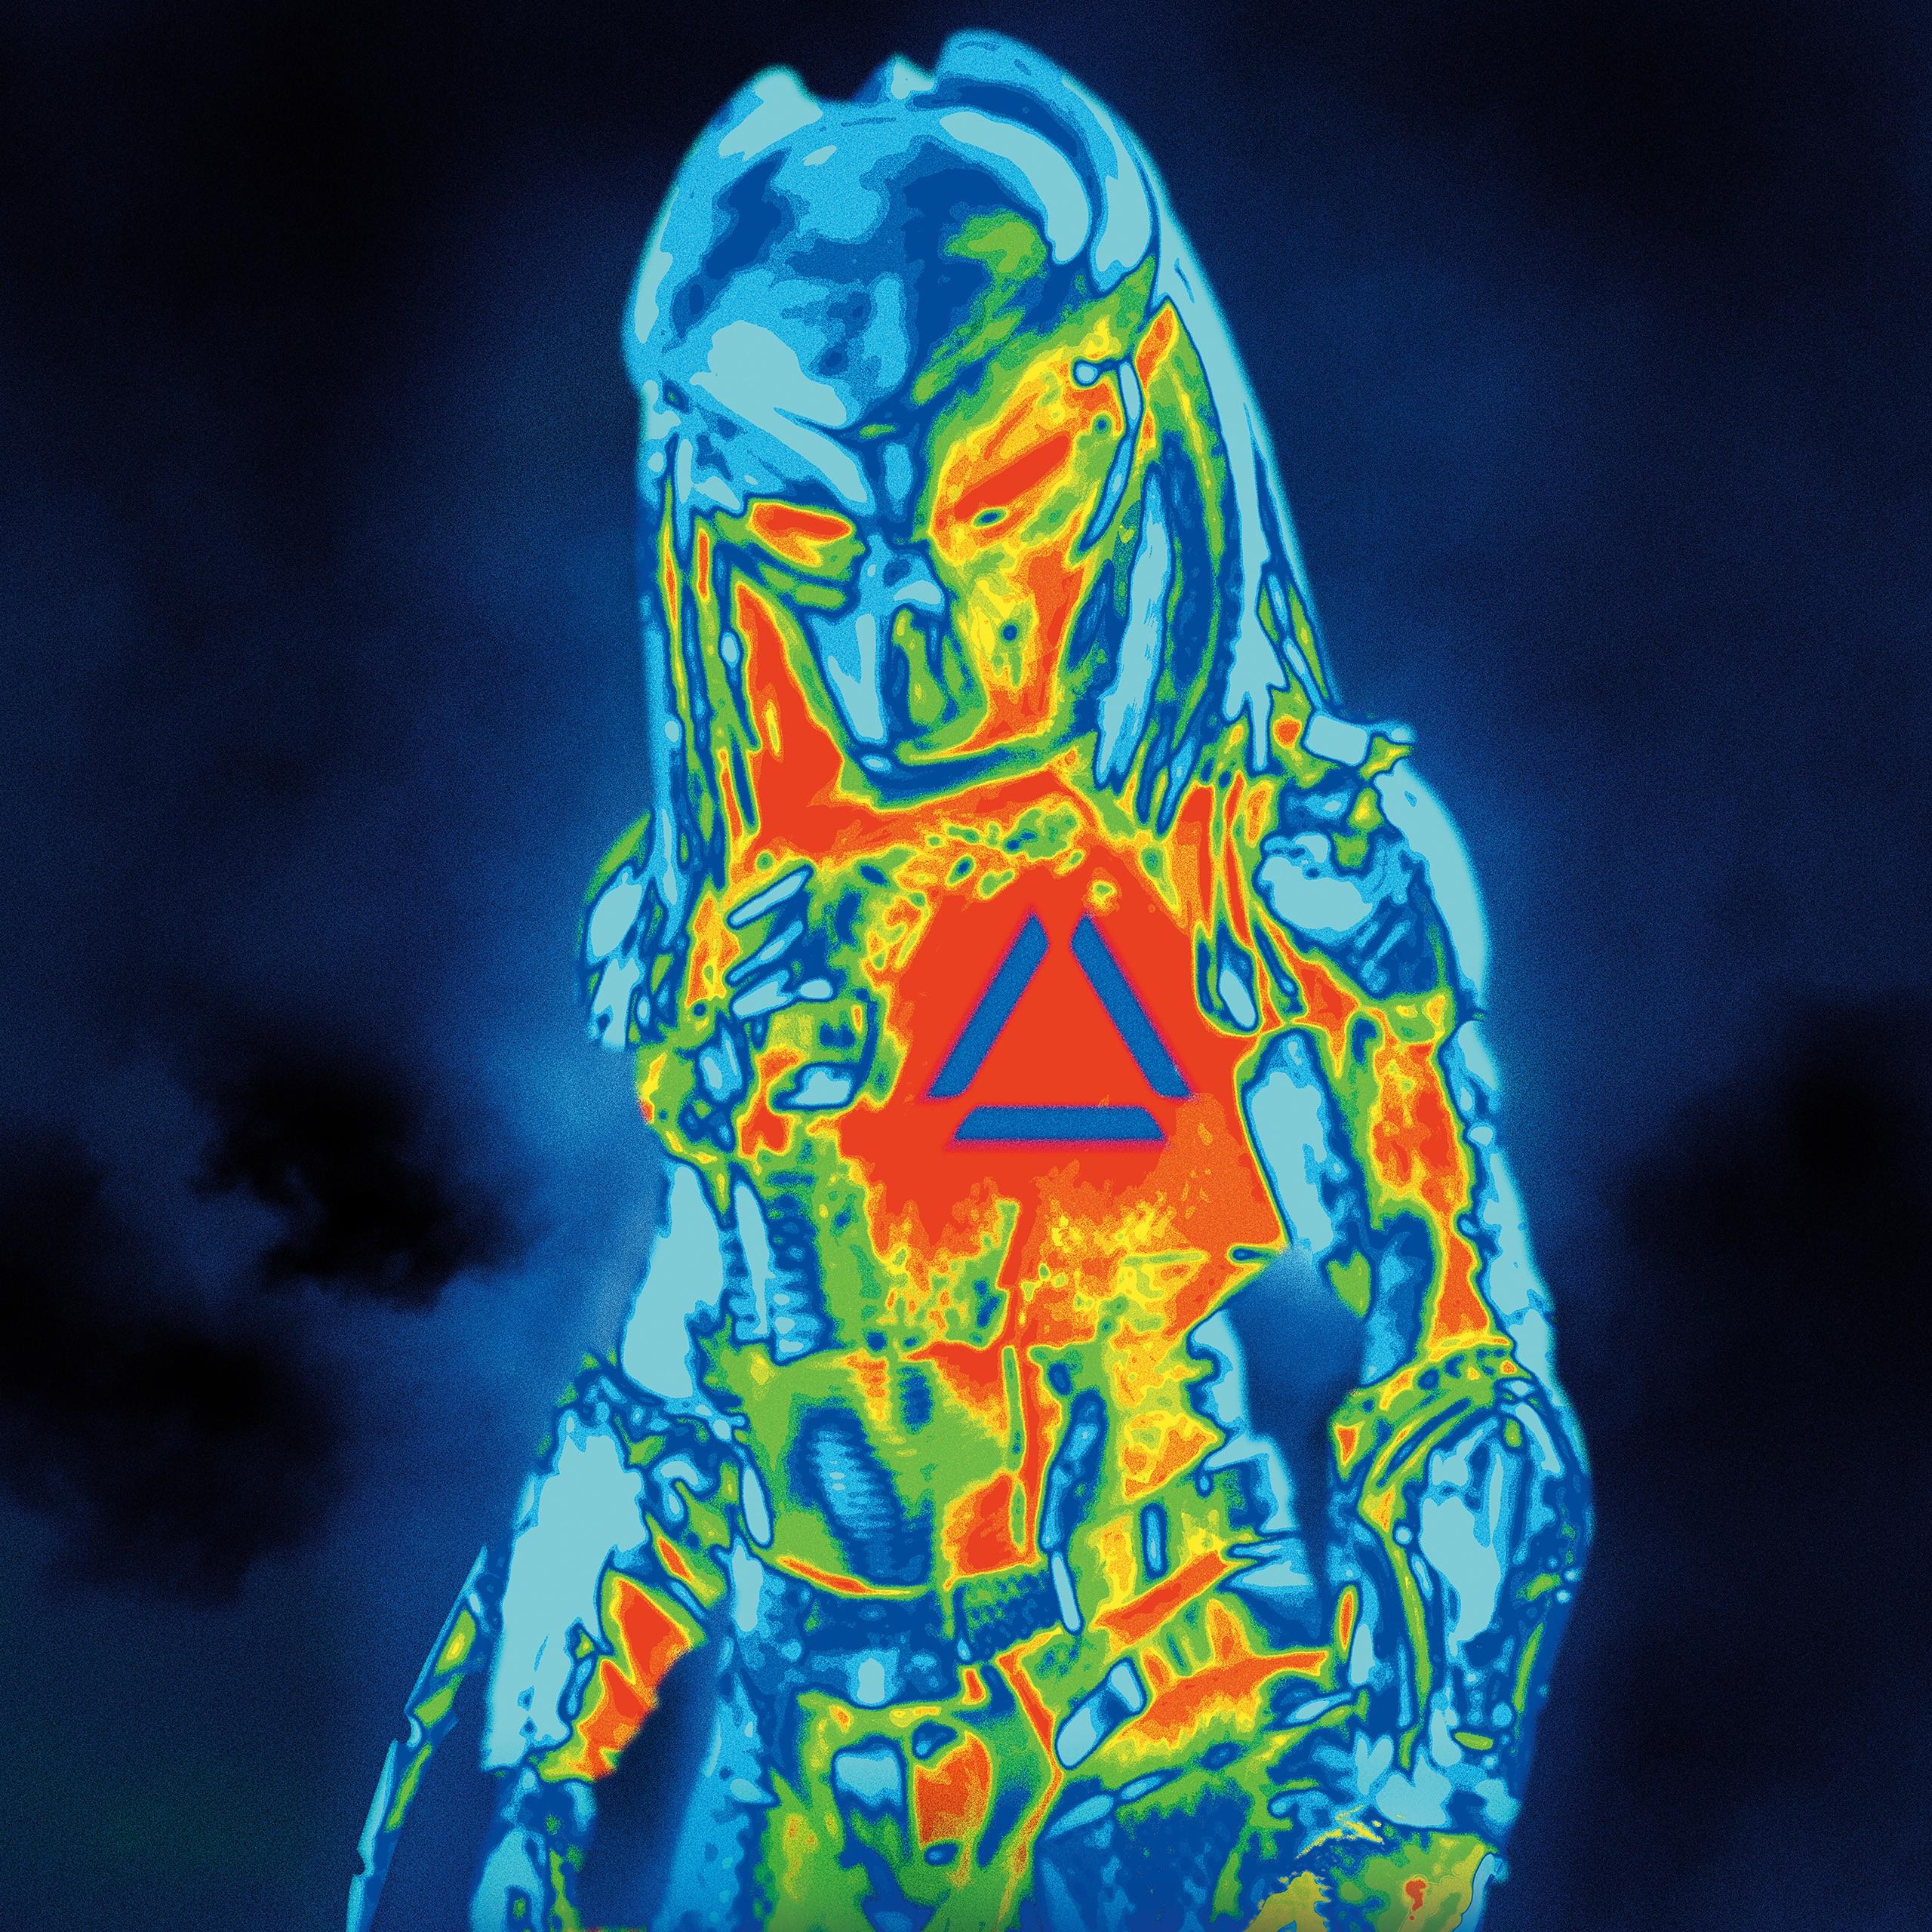 The Shield Hd Wallpaper Download The Predator 2018 4k 8k Wallpapers Hd Wallpapers Id 25549